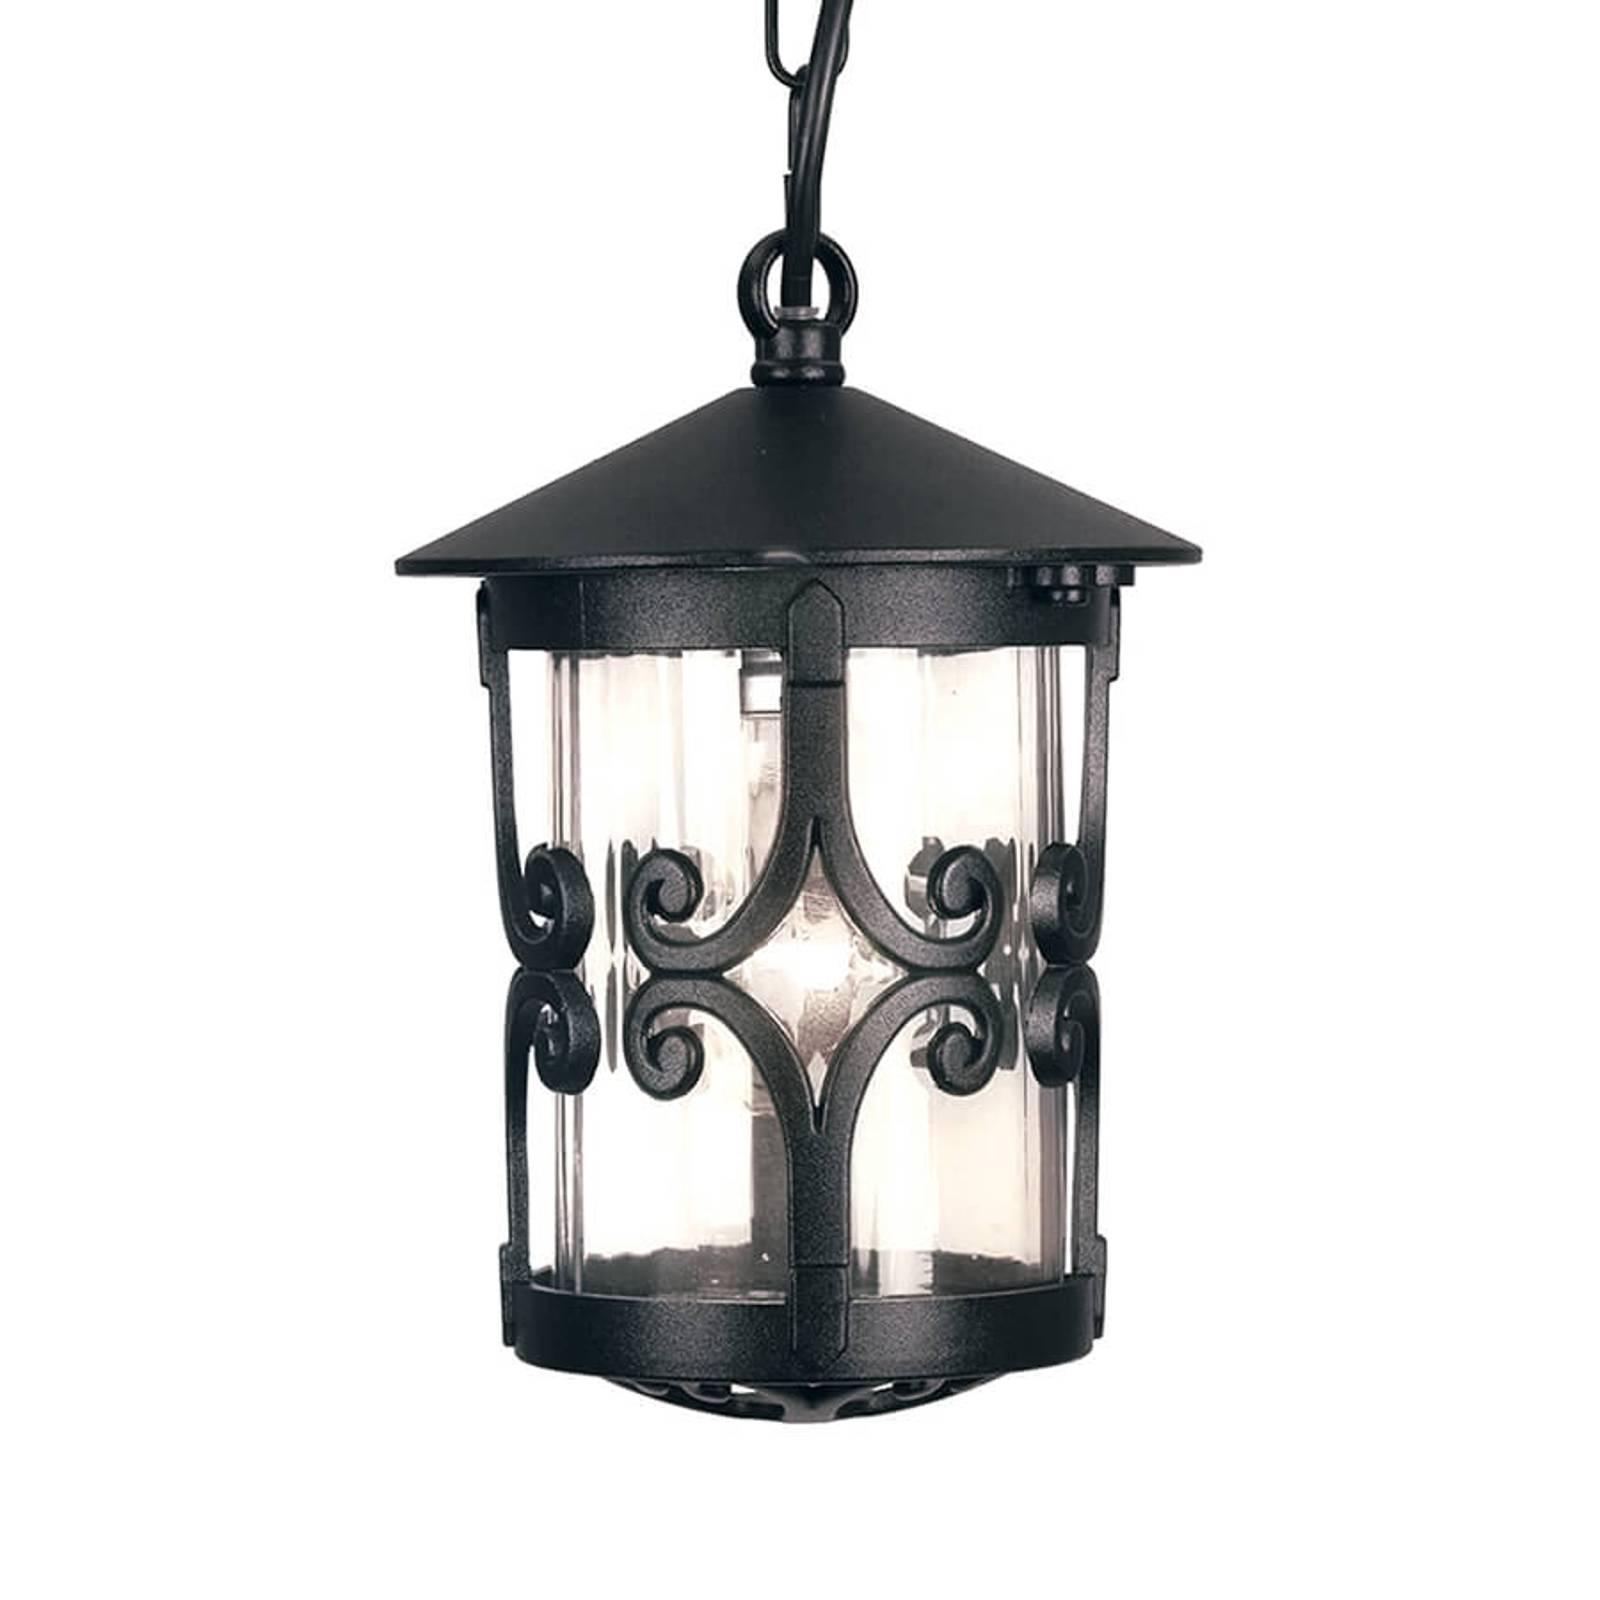 Zewnętrzna lampa wisząca Hereford z dekoracją